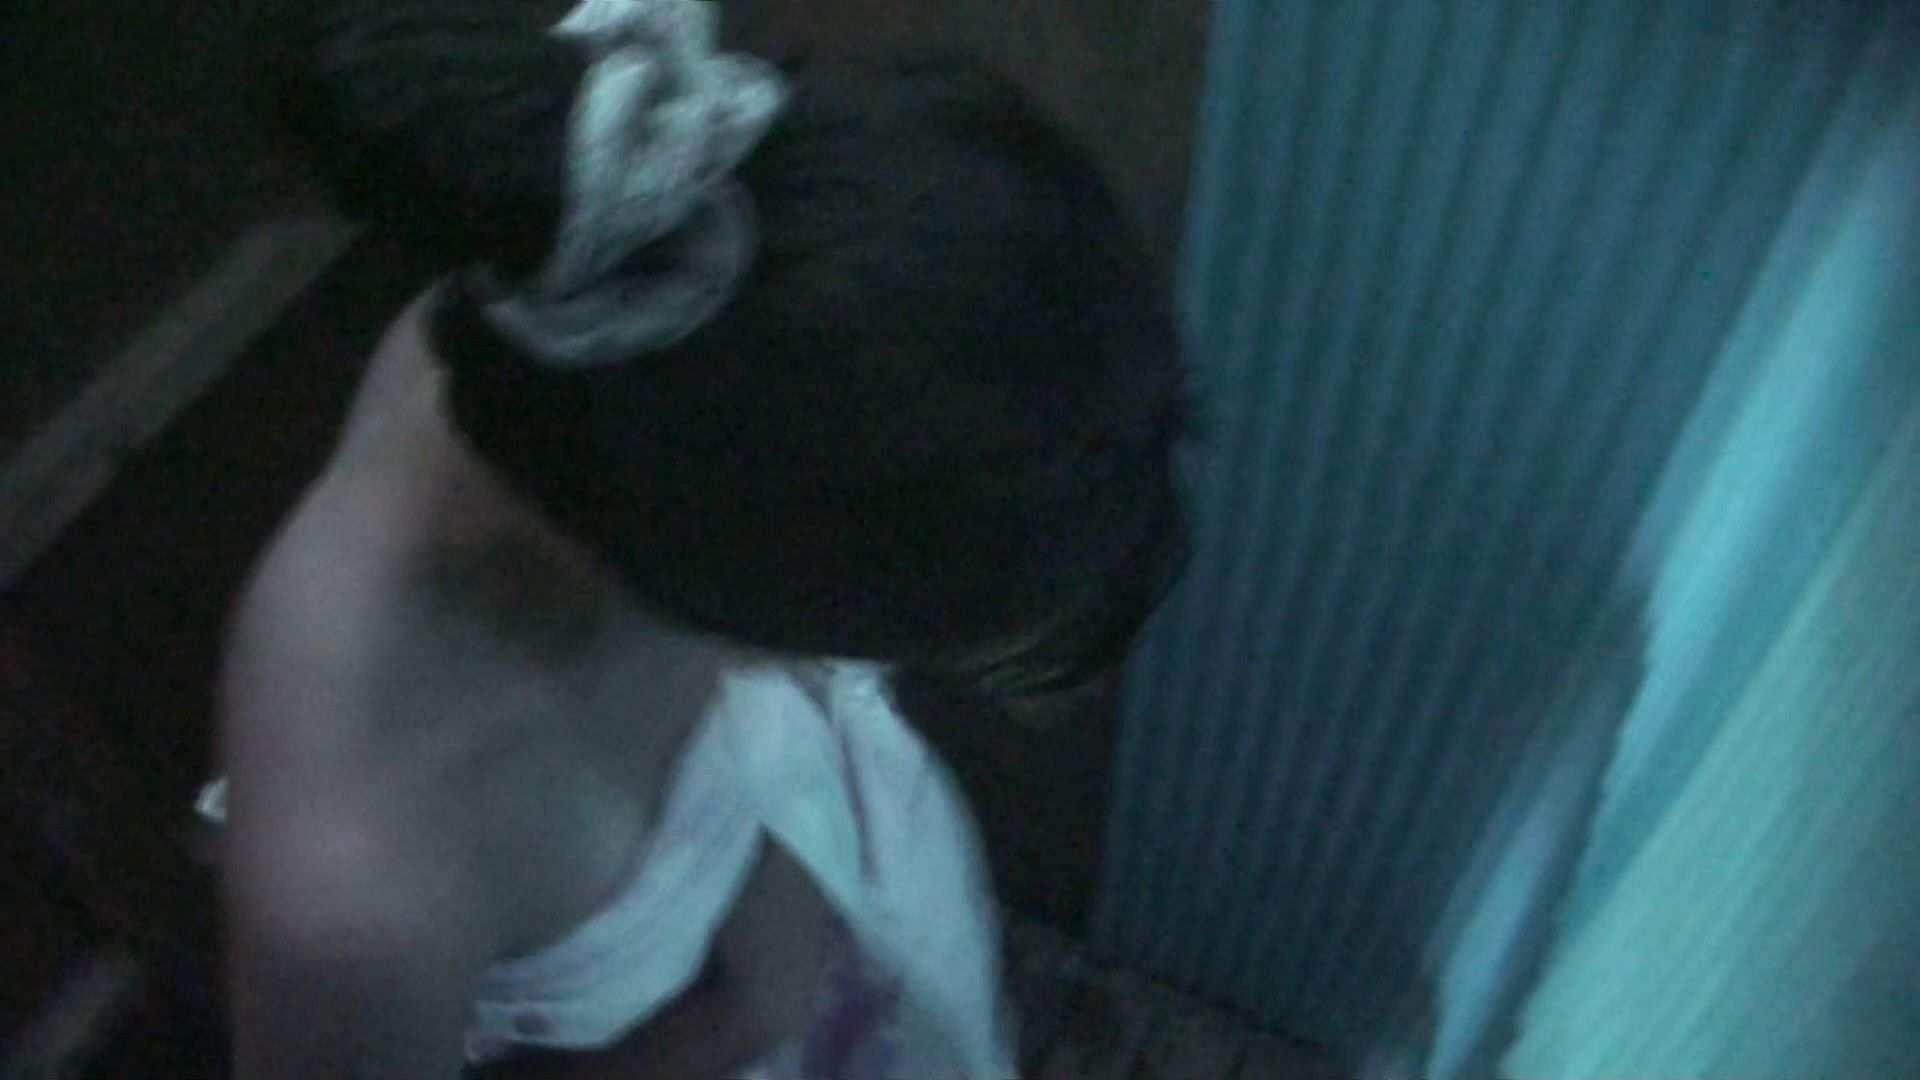 シャワールームは超!!危険な香りVol.26 大学生風美形ギャル 暗さが残念! OLの実態  86pic 60